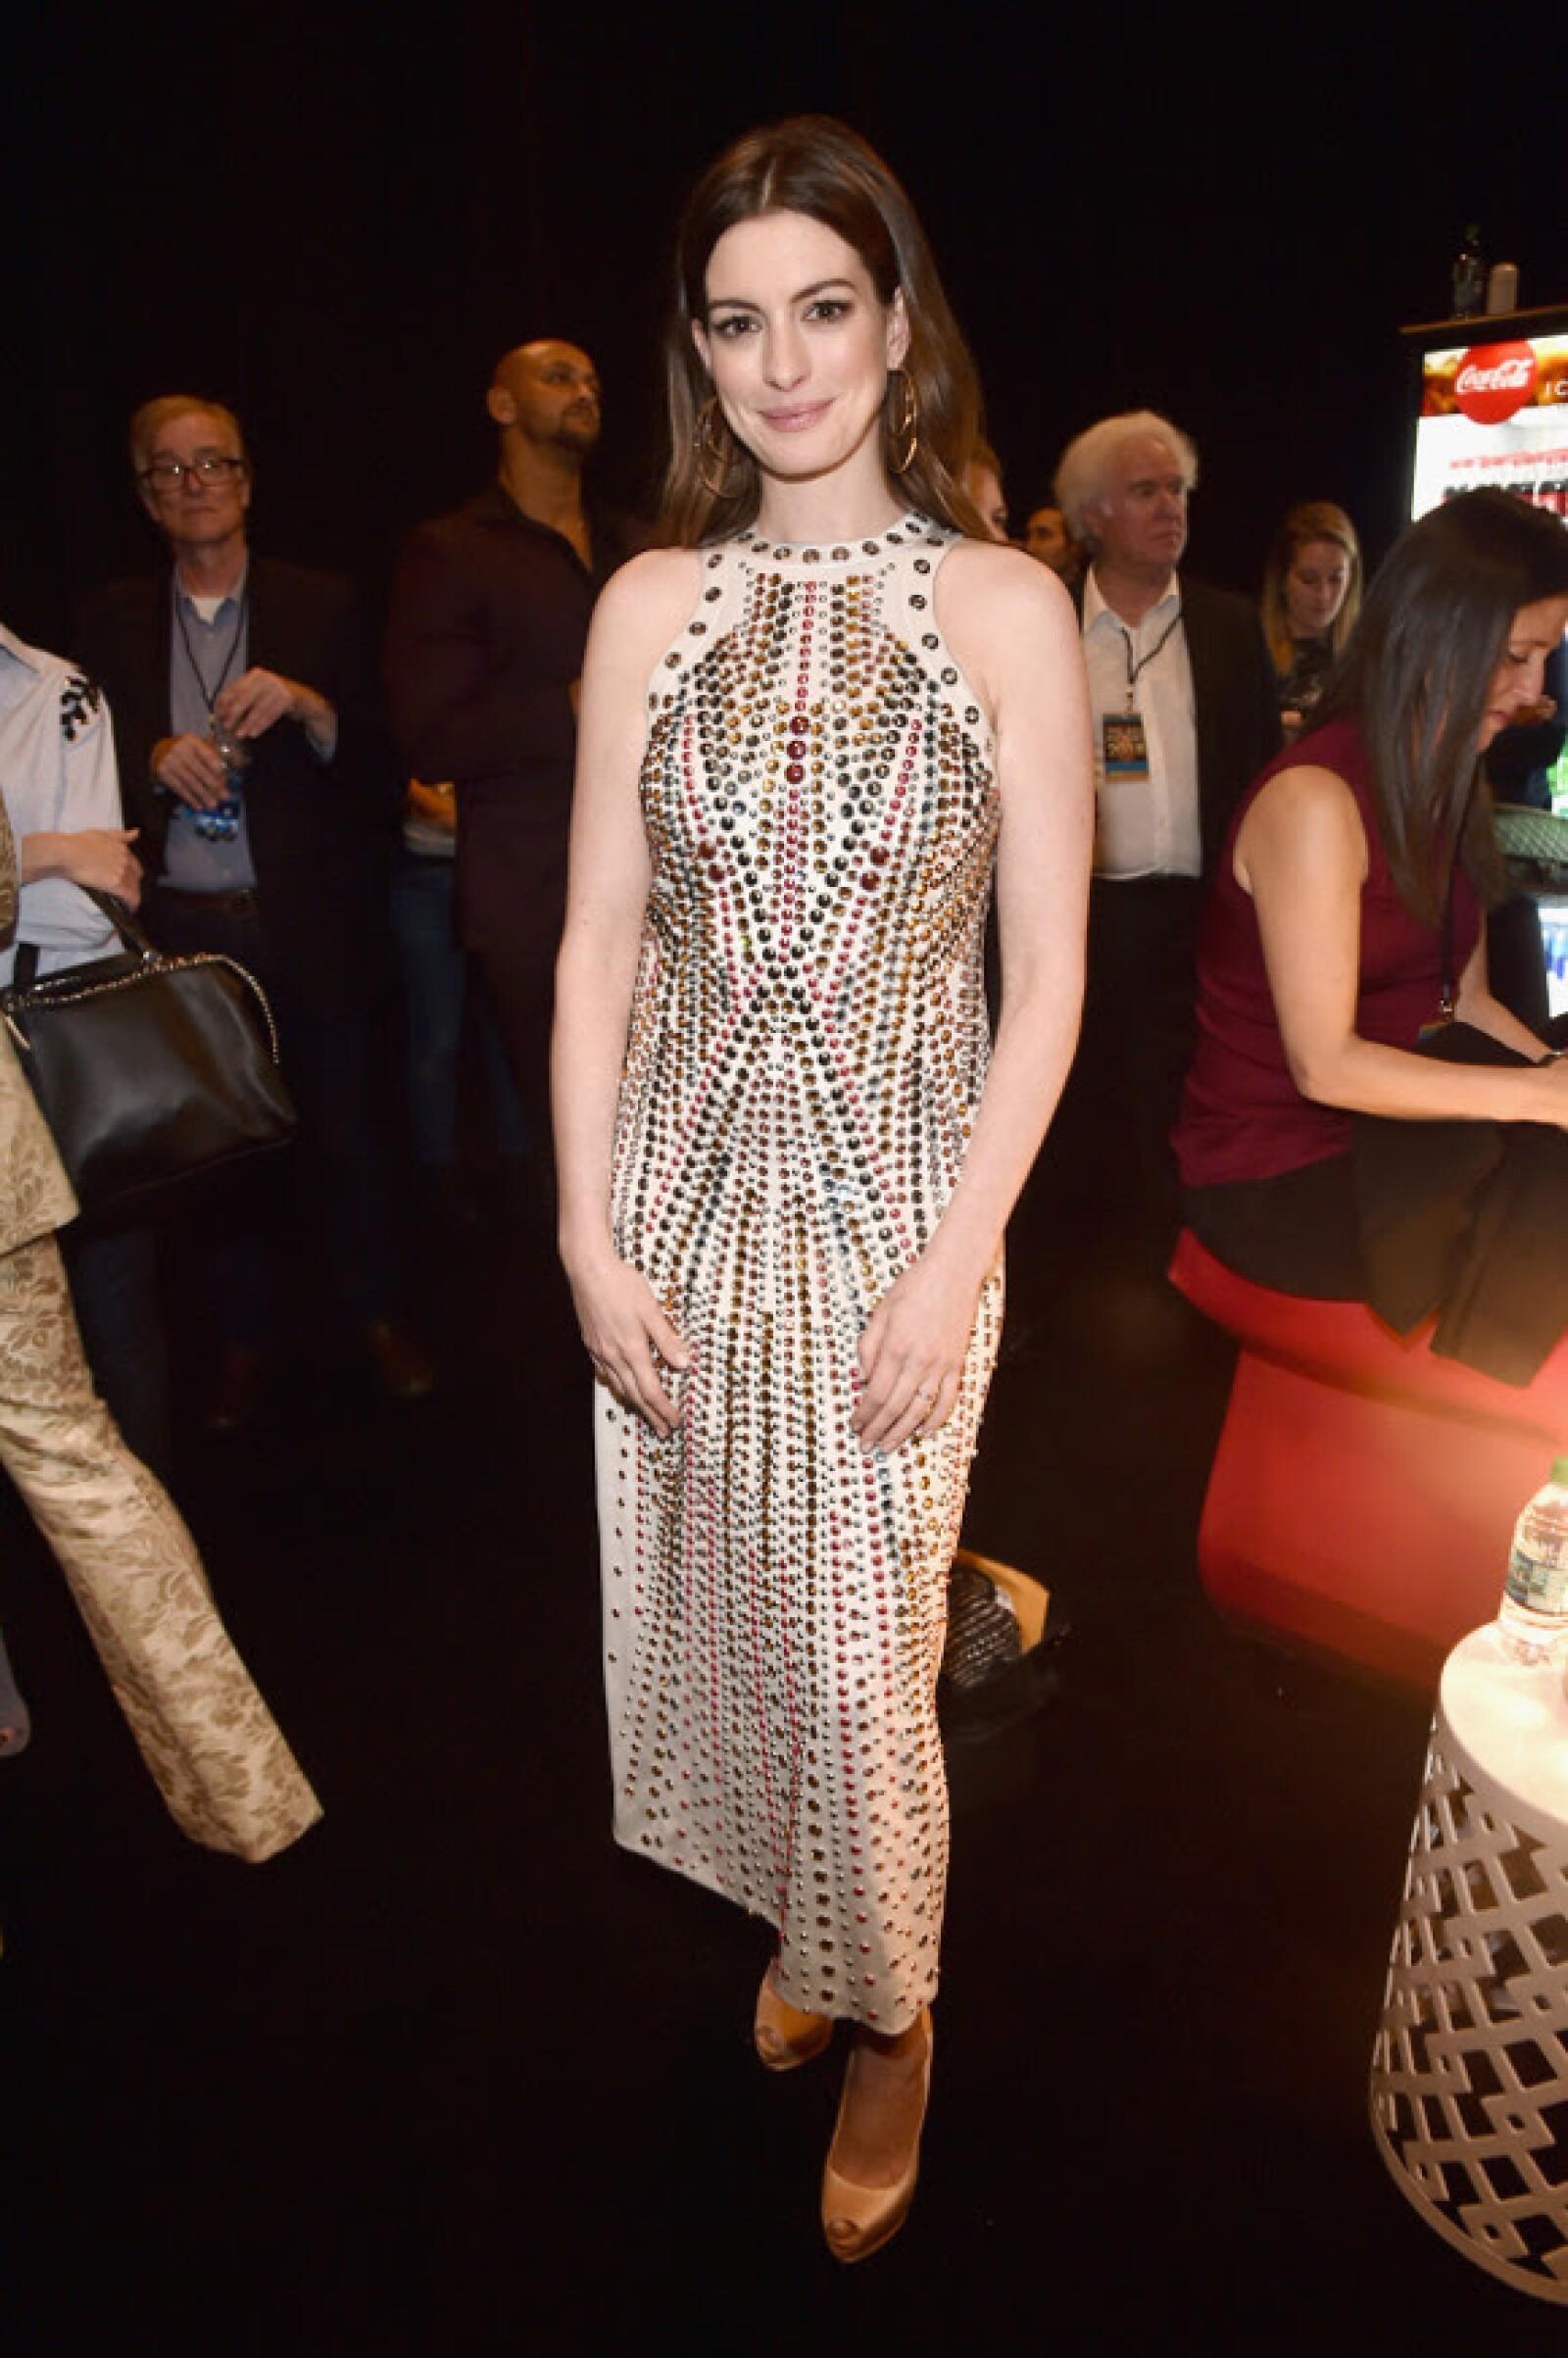 Brunette goals con Anne Hathaway en Bottega Veneta